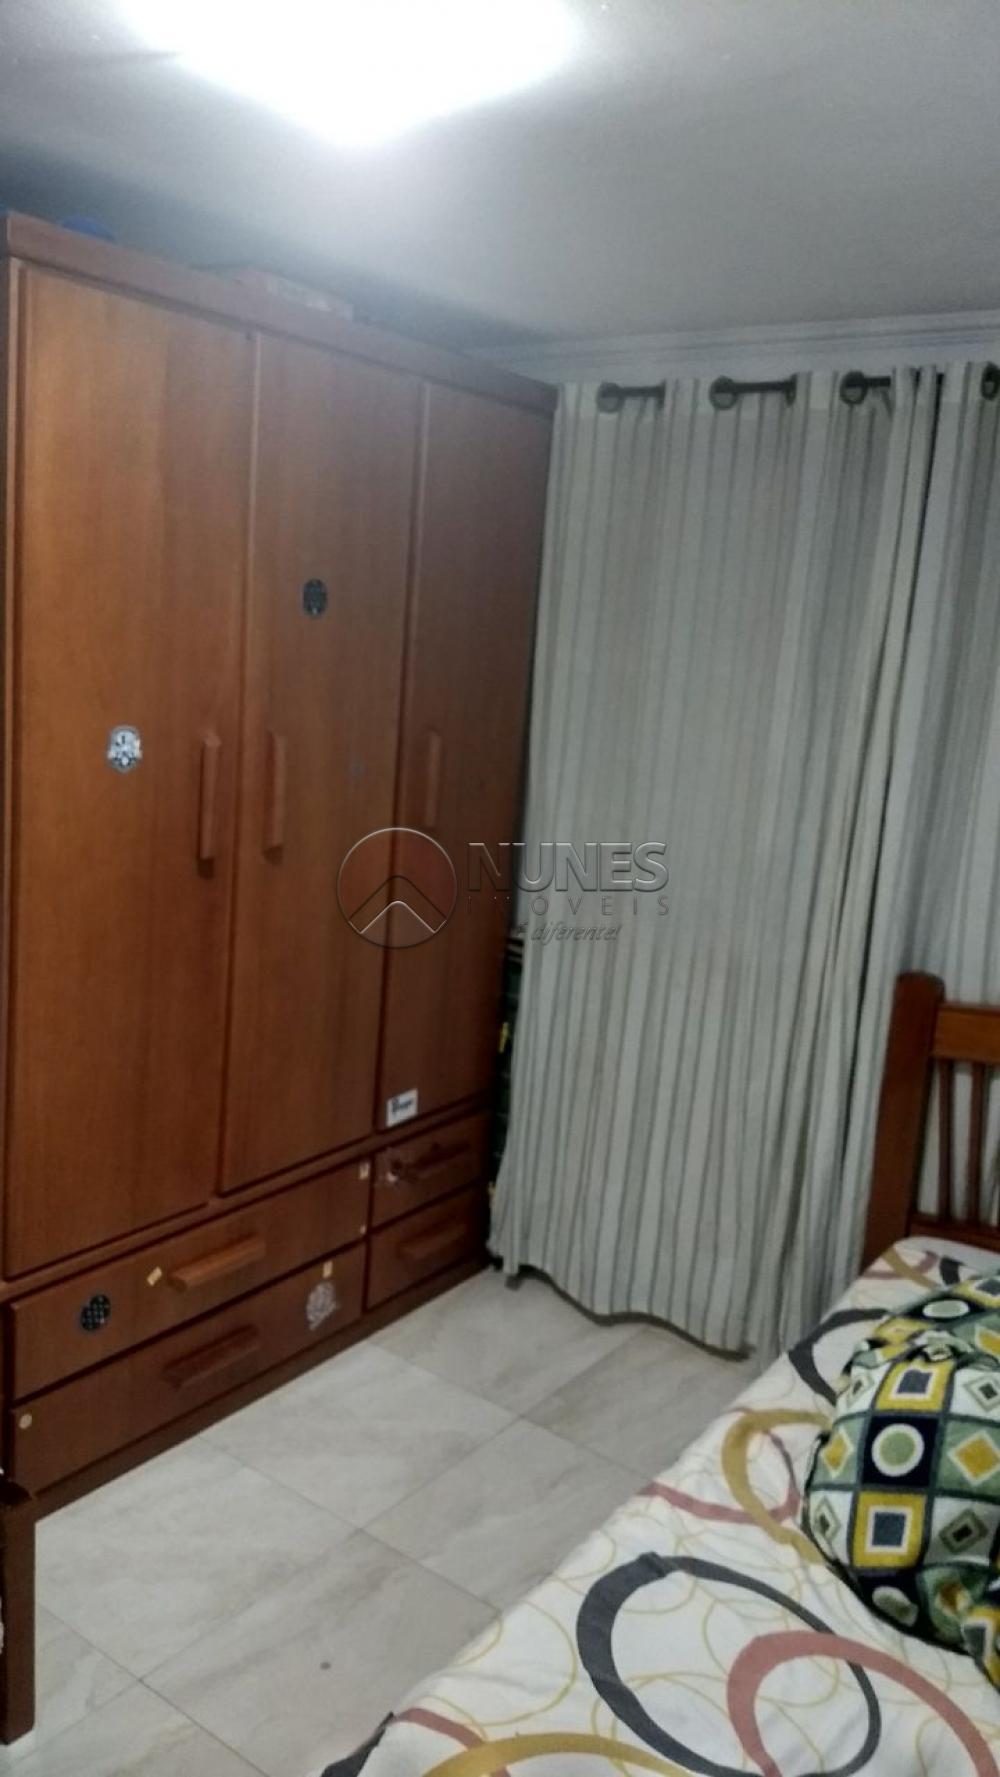 Comprar Apartamento / Padrão em Osasco apenas R$ 225.000,00 - Foto 9